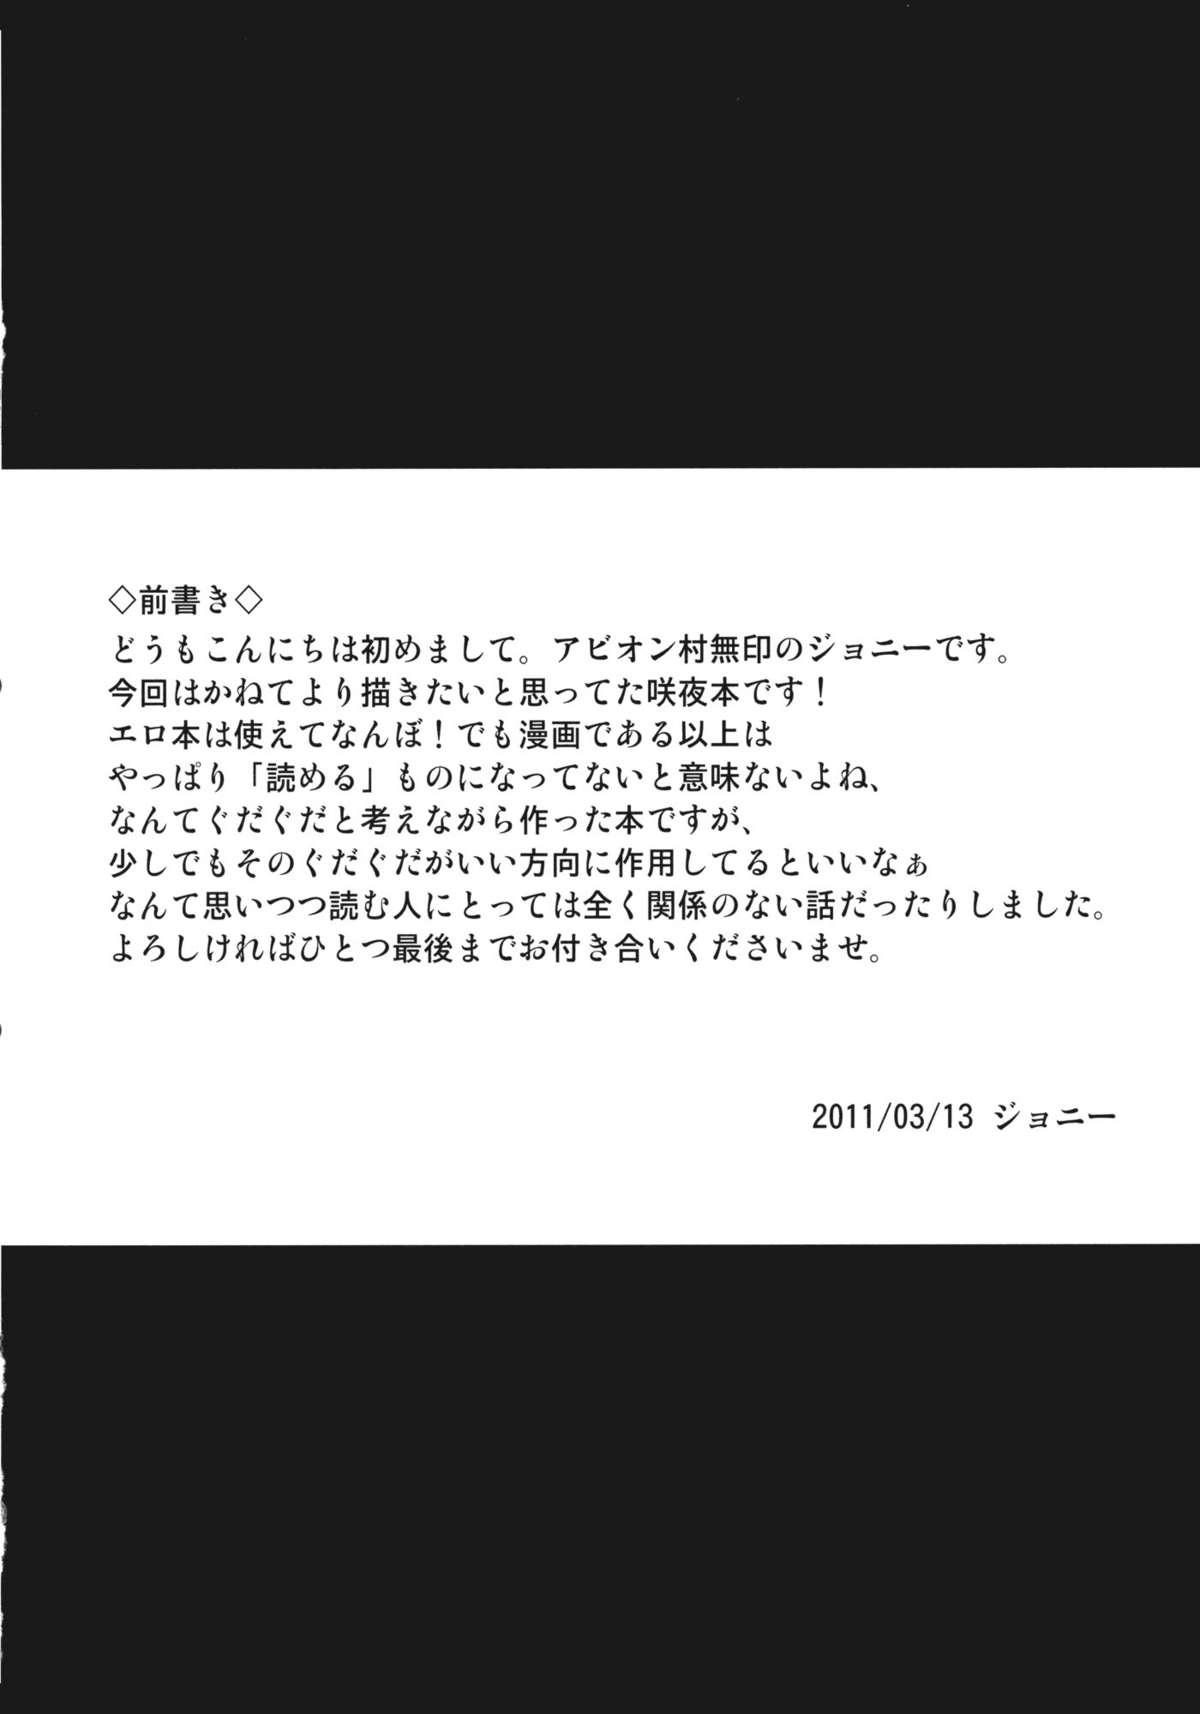 Izayoi Sakuya no Nerenai Yoru 3